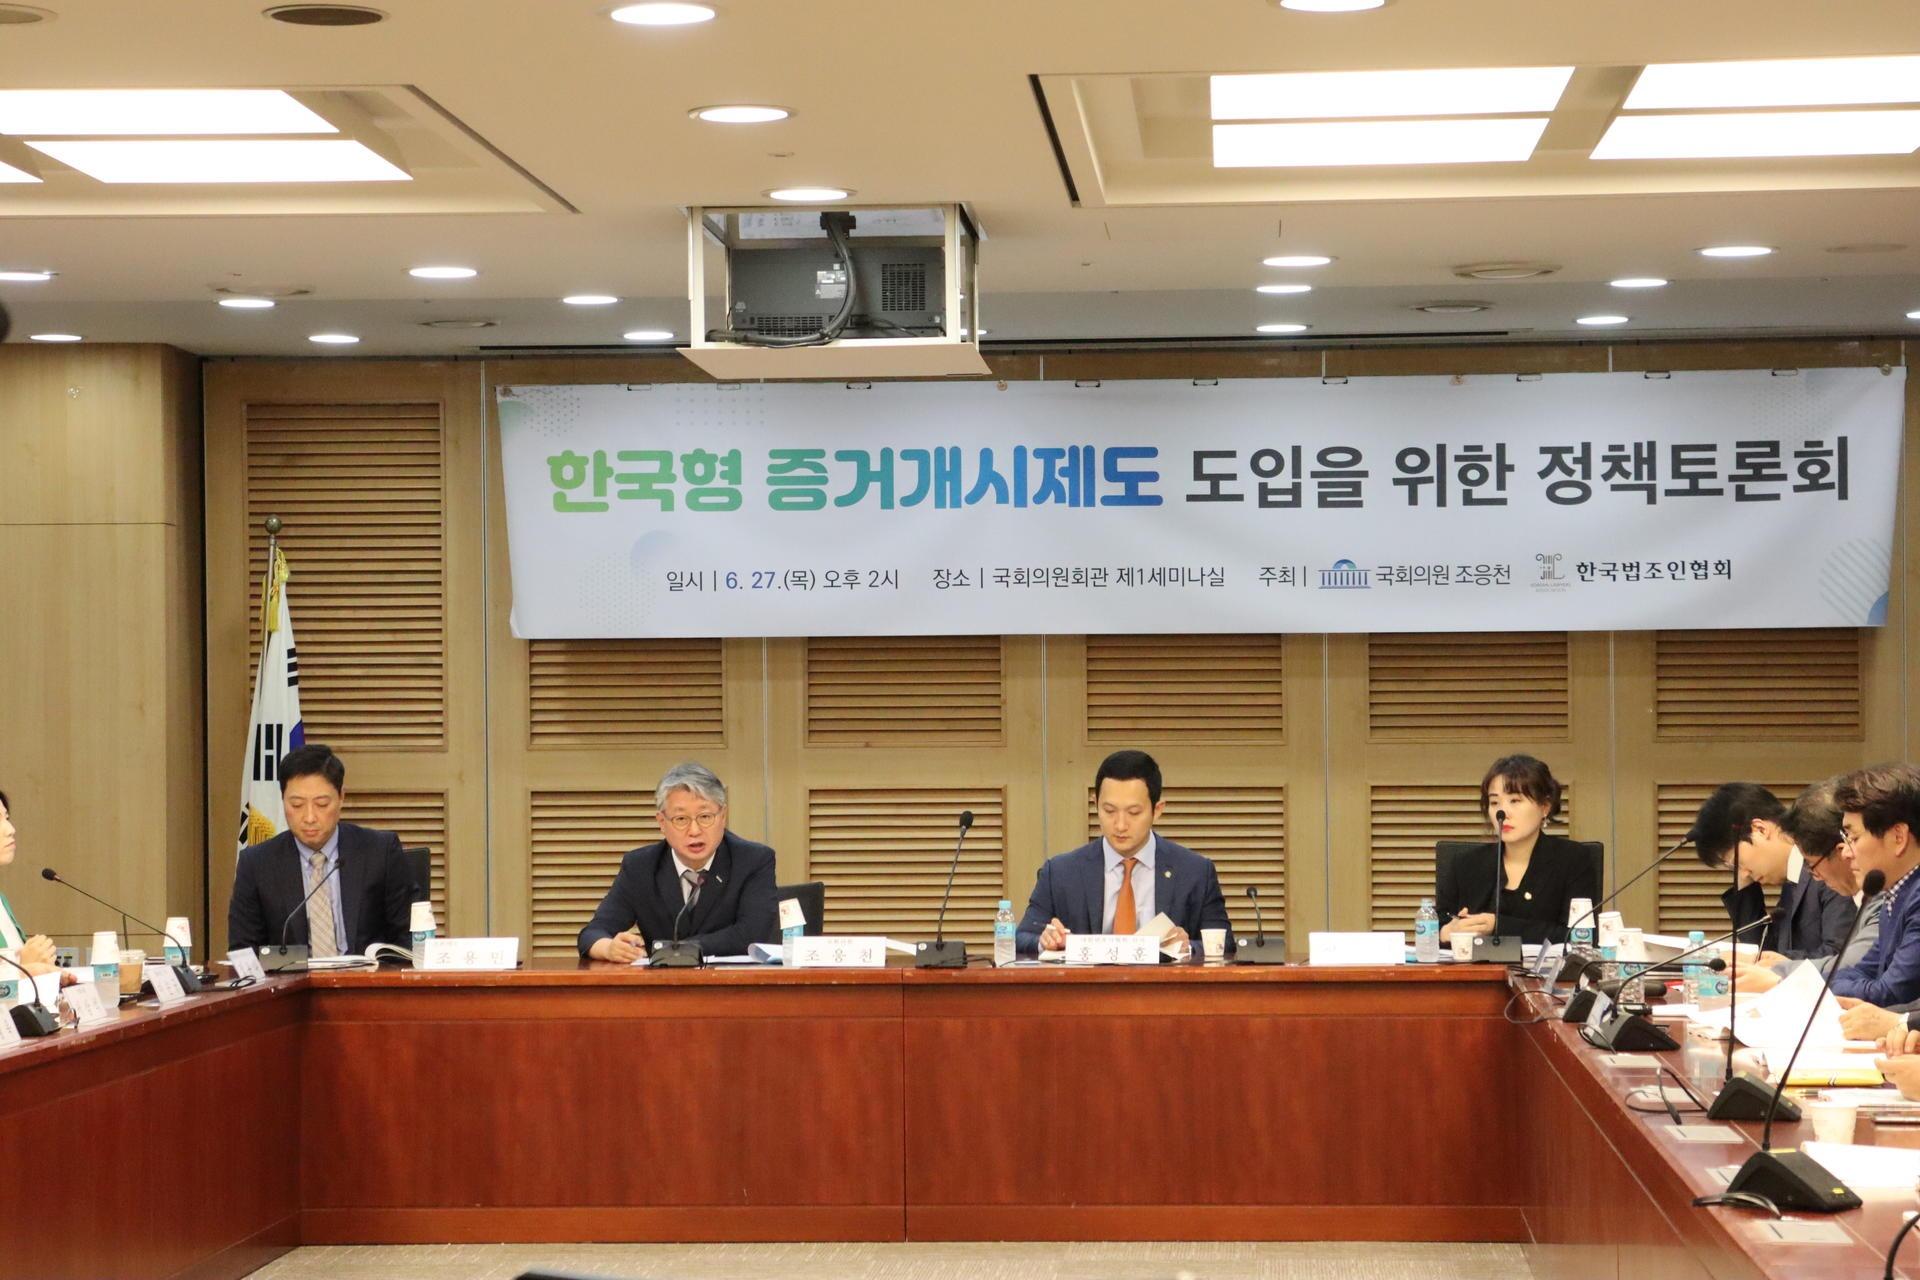 한국형 디스커버리 정책토론회